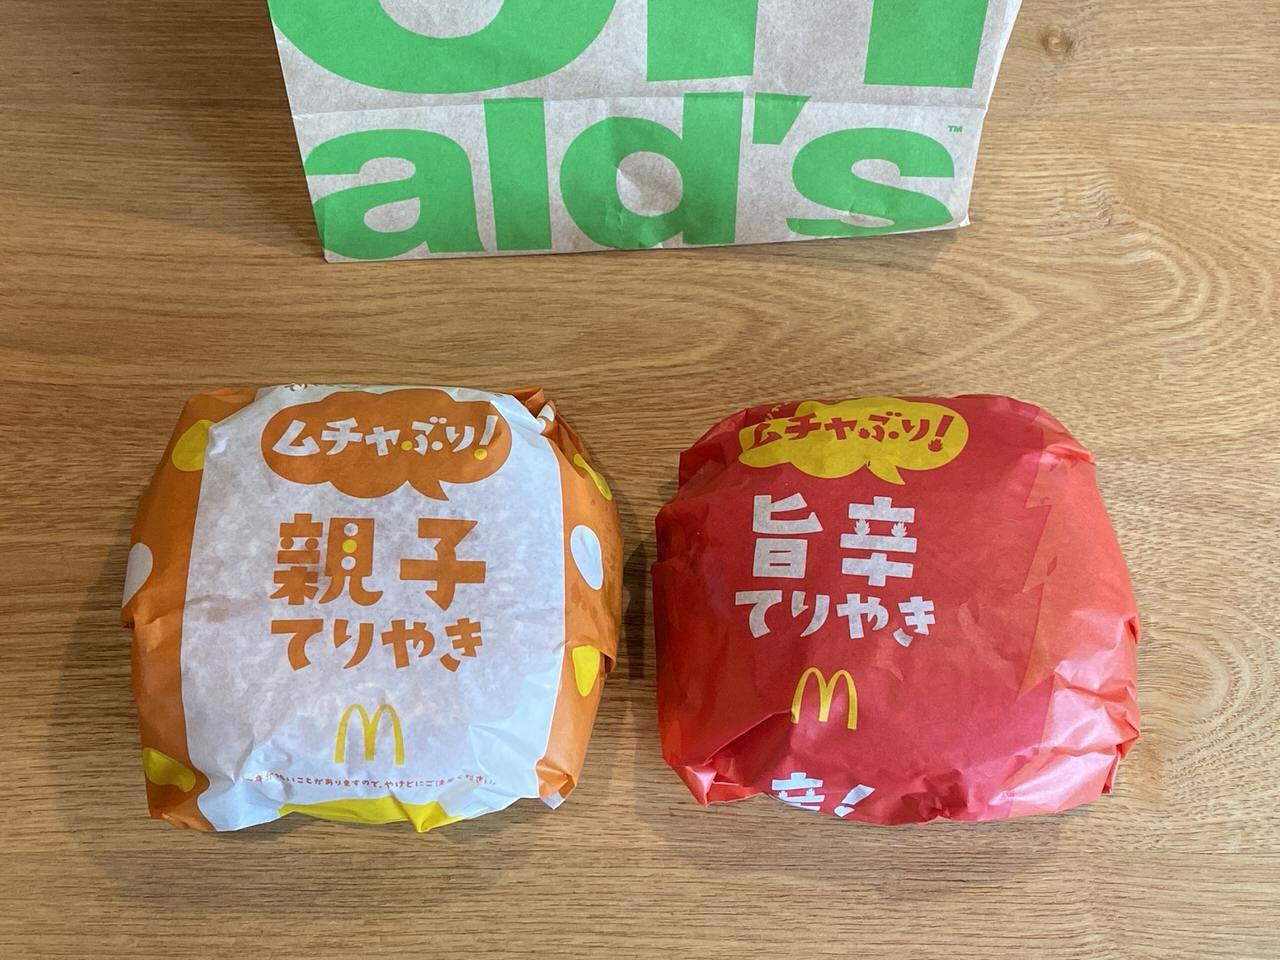 YOSHIKIがマクドナルドにムチャぶりして誕生したという「旨辛てりやき」「親子てりやき」食べてみたら予想以上に美味かった!